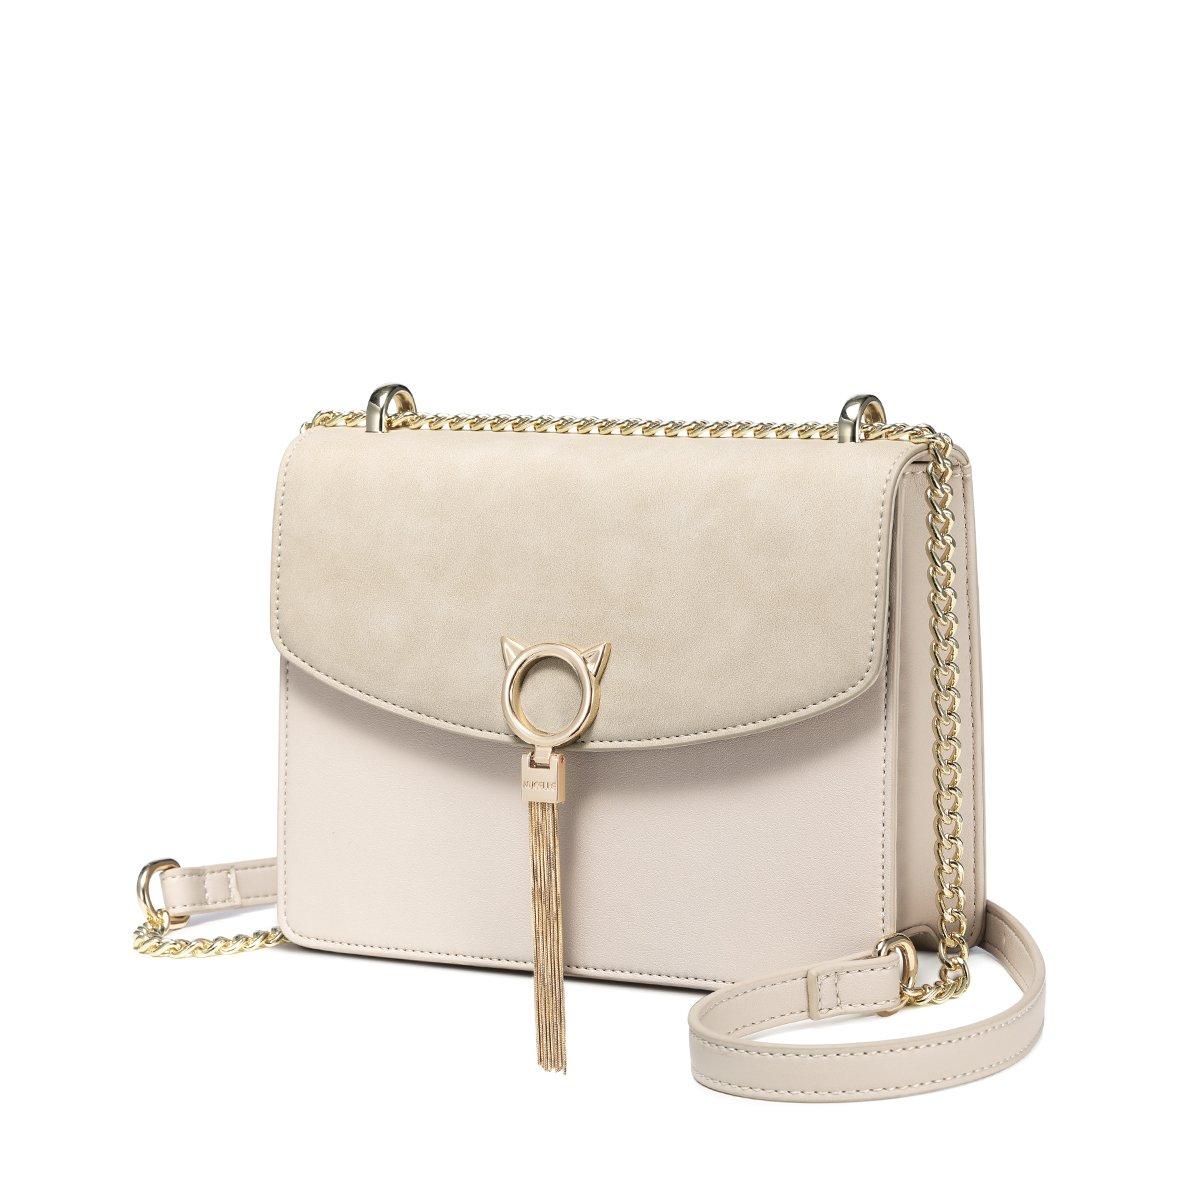 ニュージーランドの女性のバッグ2018新しいファッションチェーンバッグ野生のショルダーバッグ韓国のタッセルメッセンジャーバッグレディースバッグ(暖かいカーキ色)